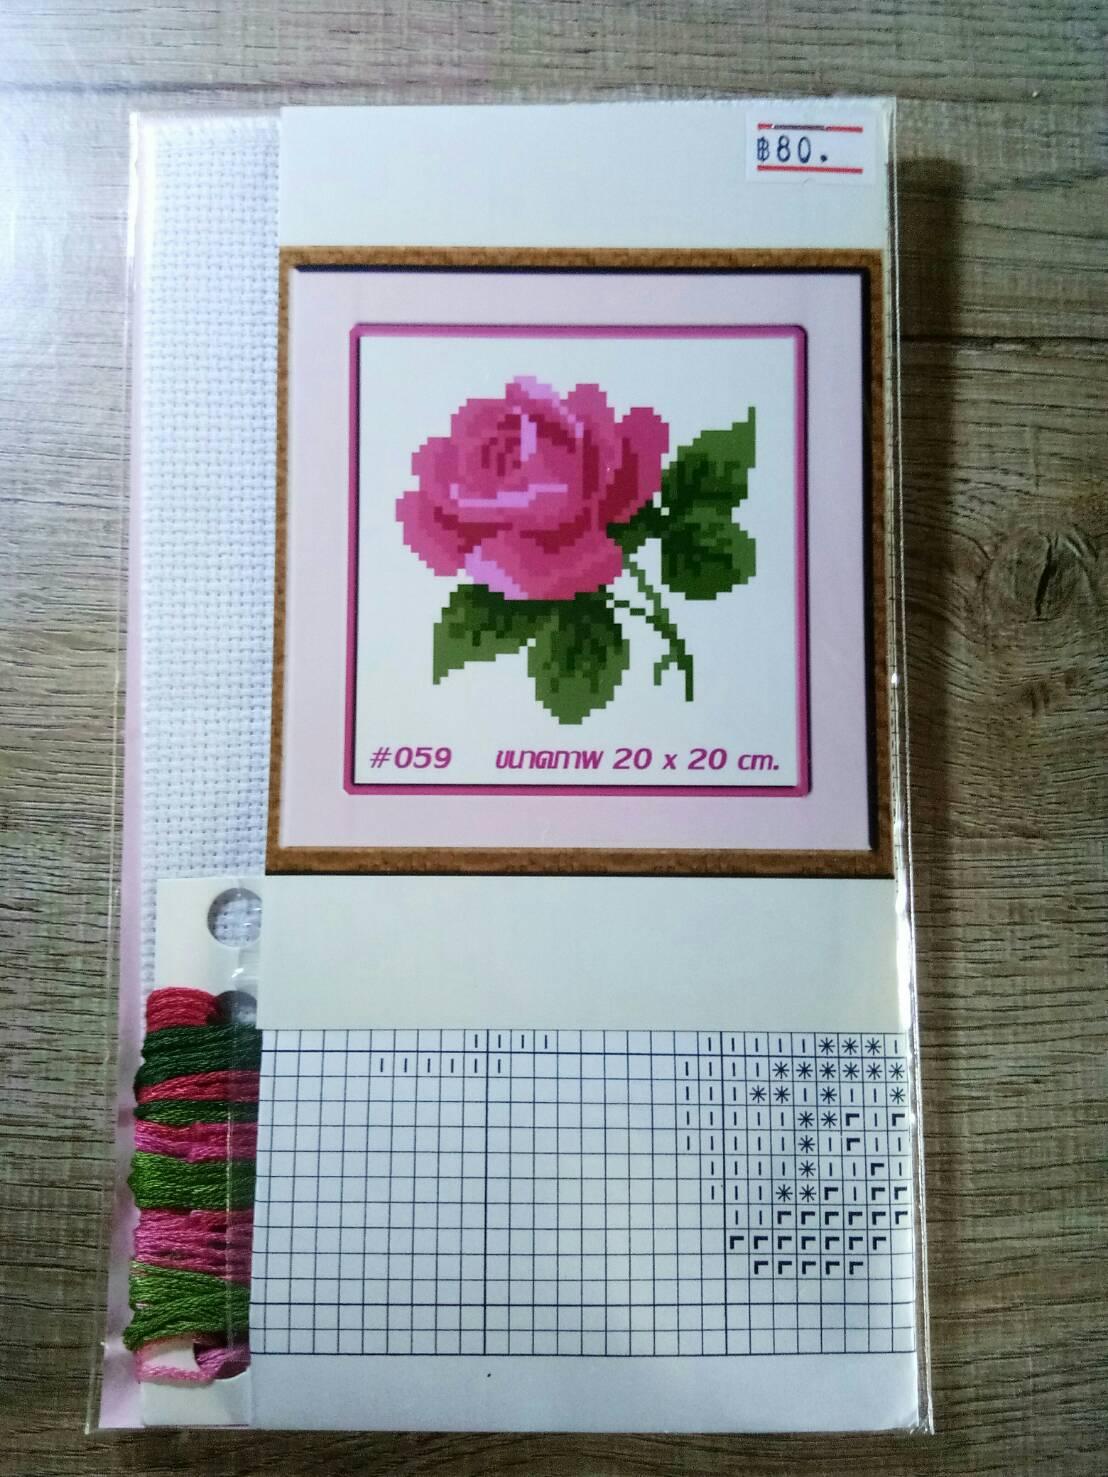 ชุดปักครอสติช ลายดอกไม้ ขนาด 20*20 ซม.ผ้าครอสติช 14 CT ไม่พิมพ์ลายปัก ไหมคอตตอน สี+ผังลาย+เข็ม (ส่งฟรี)